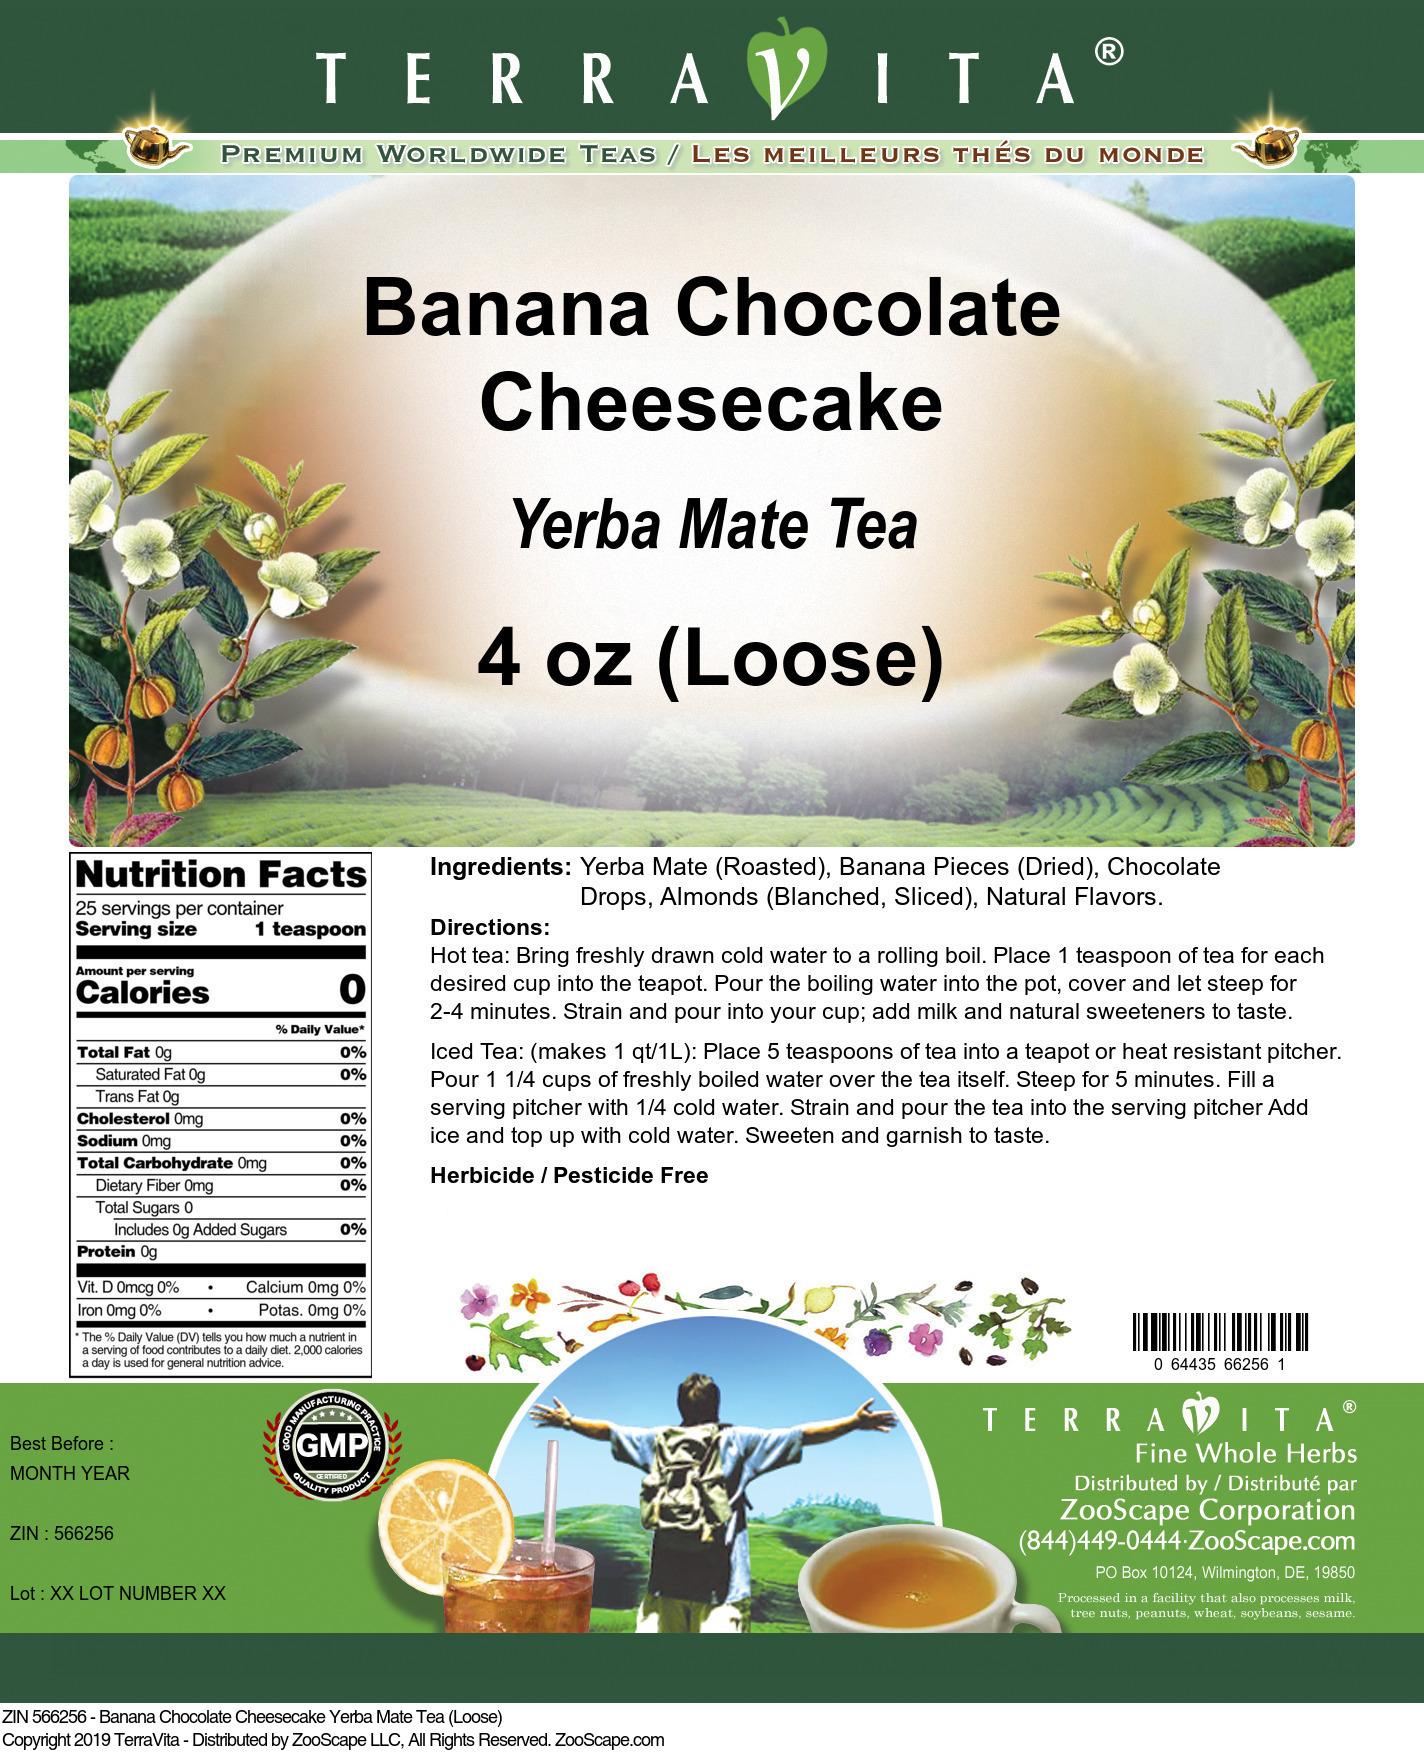 Banana Chocolate Cheesecake Yerba Mate